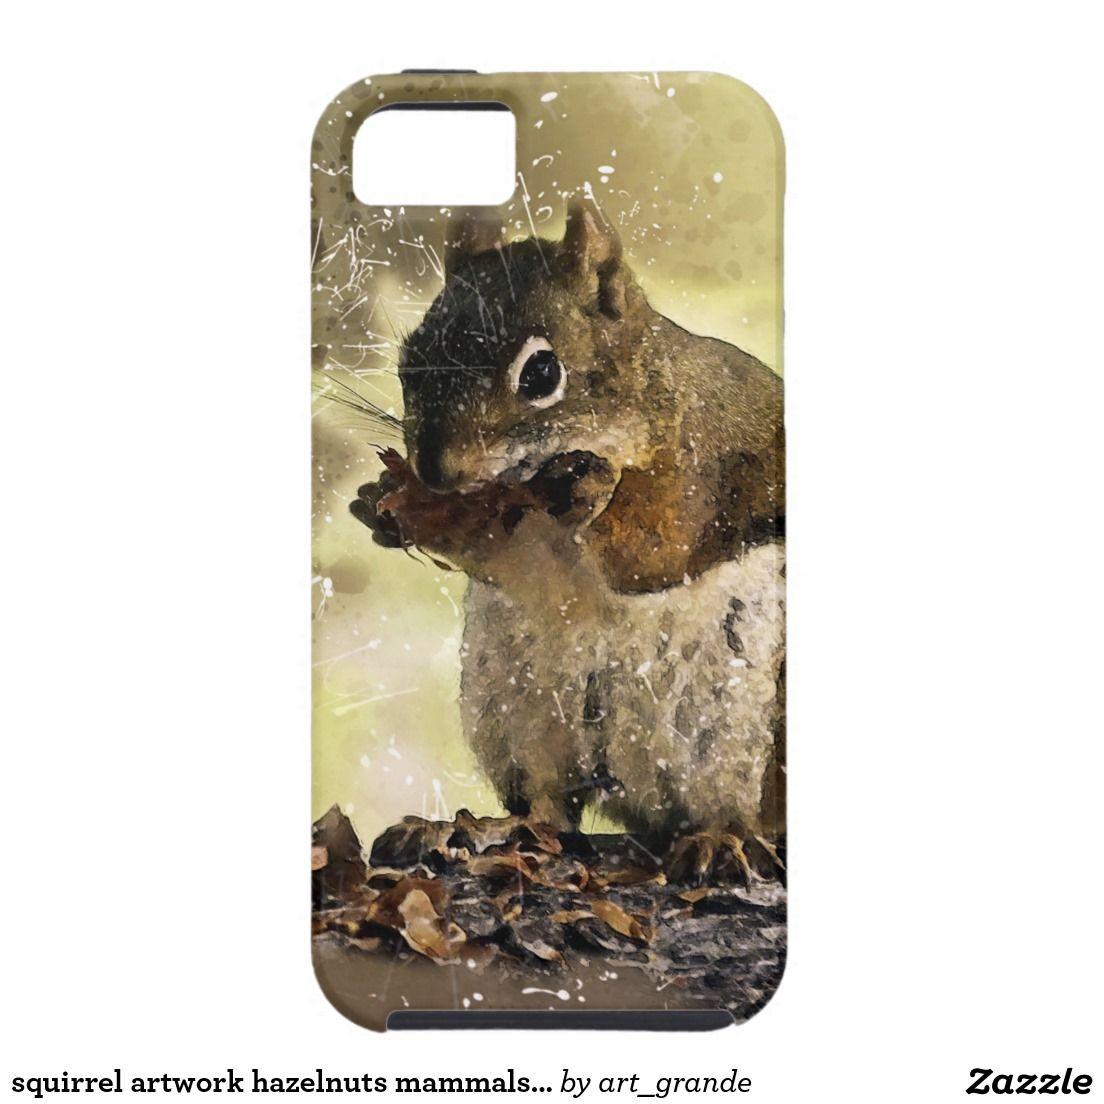 squirrel artwork hazelnuts mammals animals iPhone SE/5/5s case